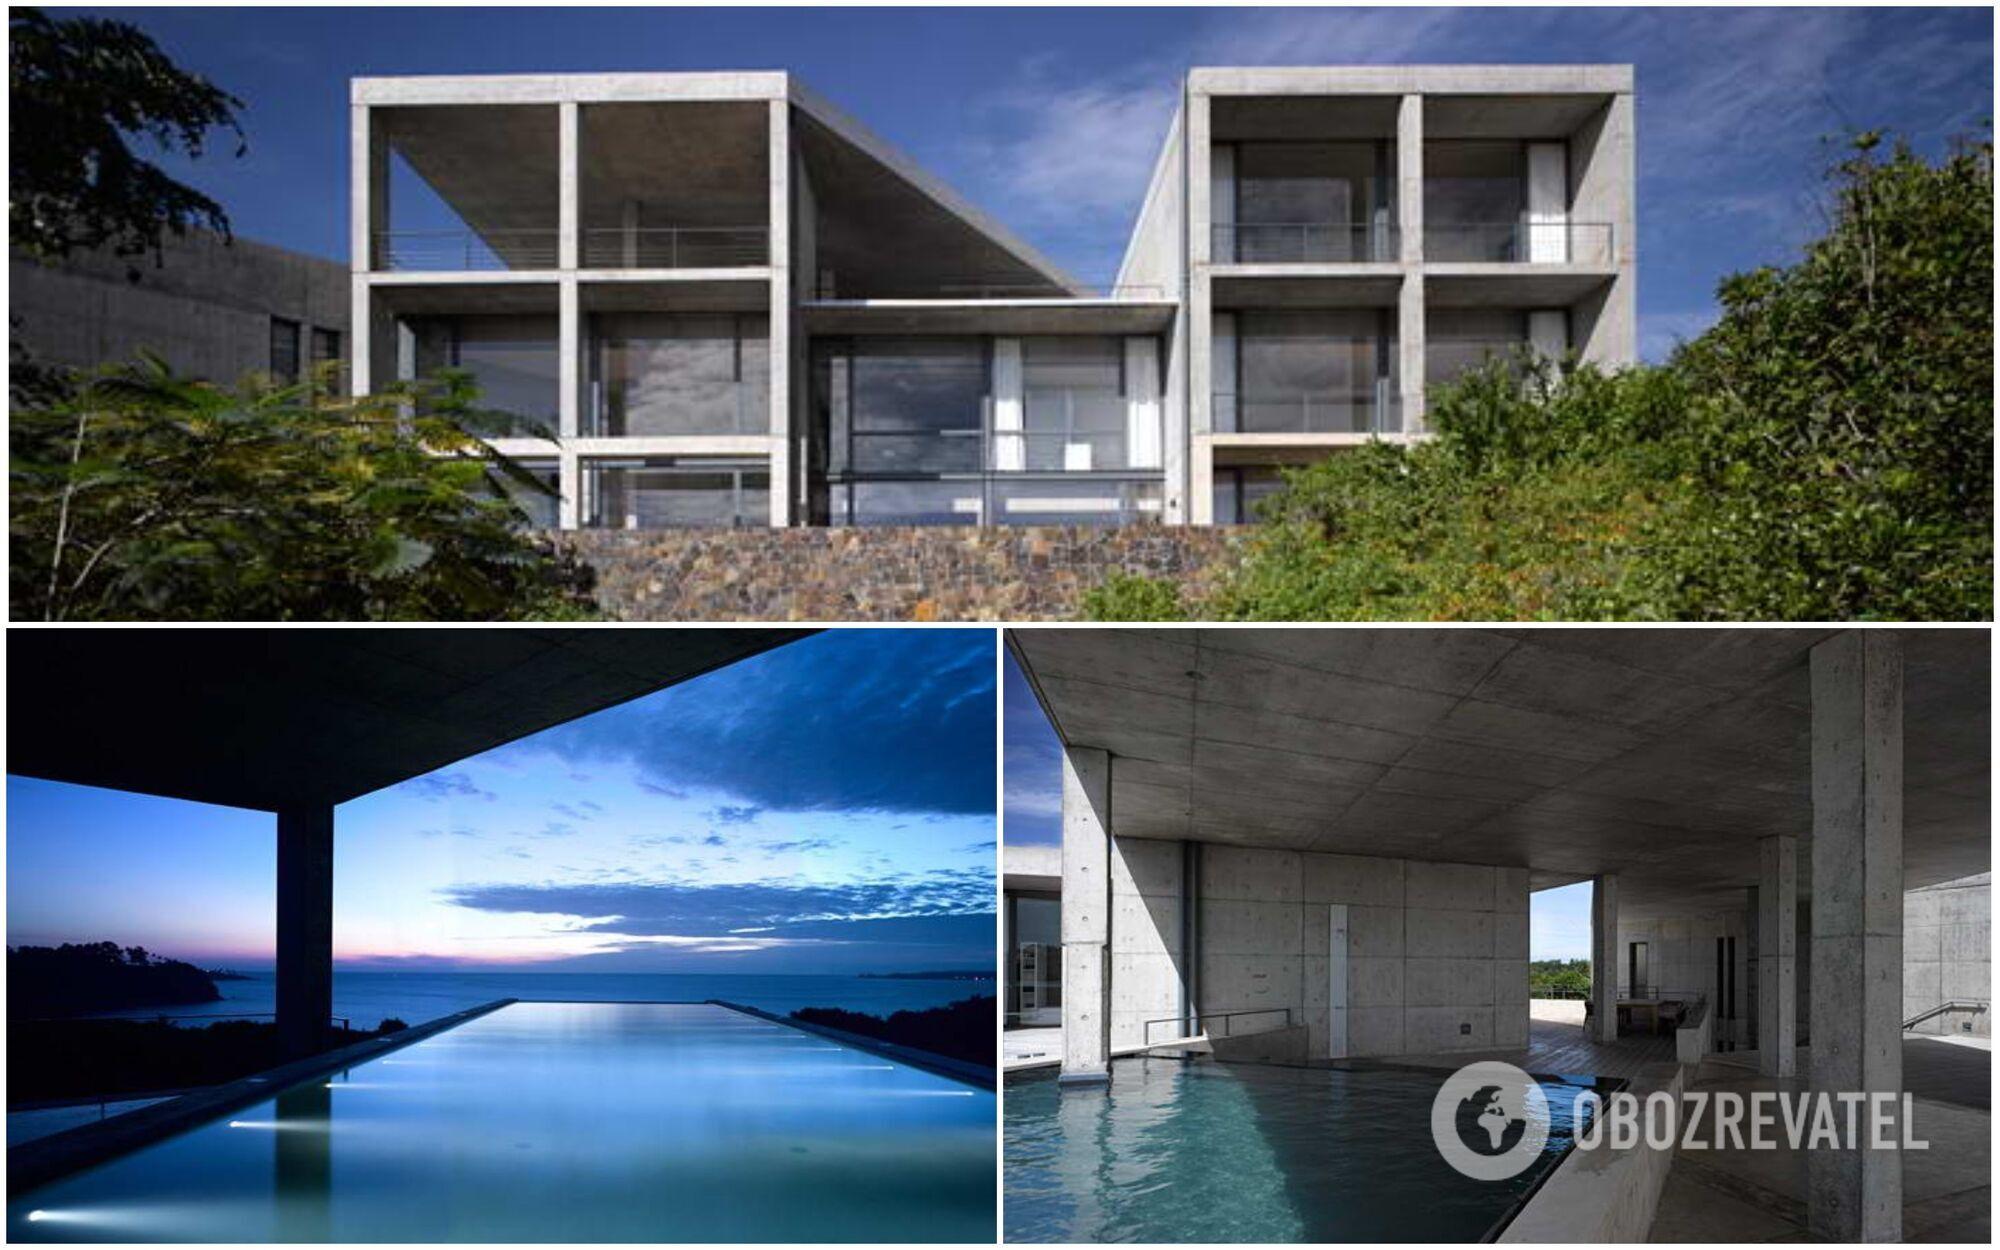 Тадао Андо спроектировал дом так, чтобы из каждой его комнаты открывался вид на океан.